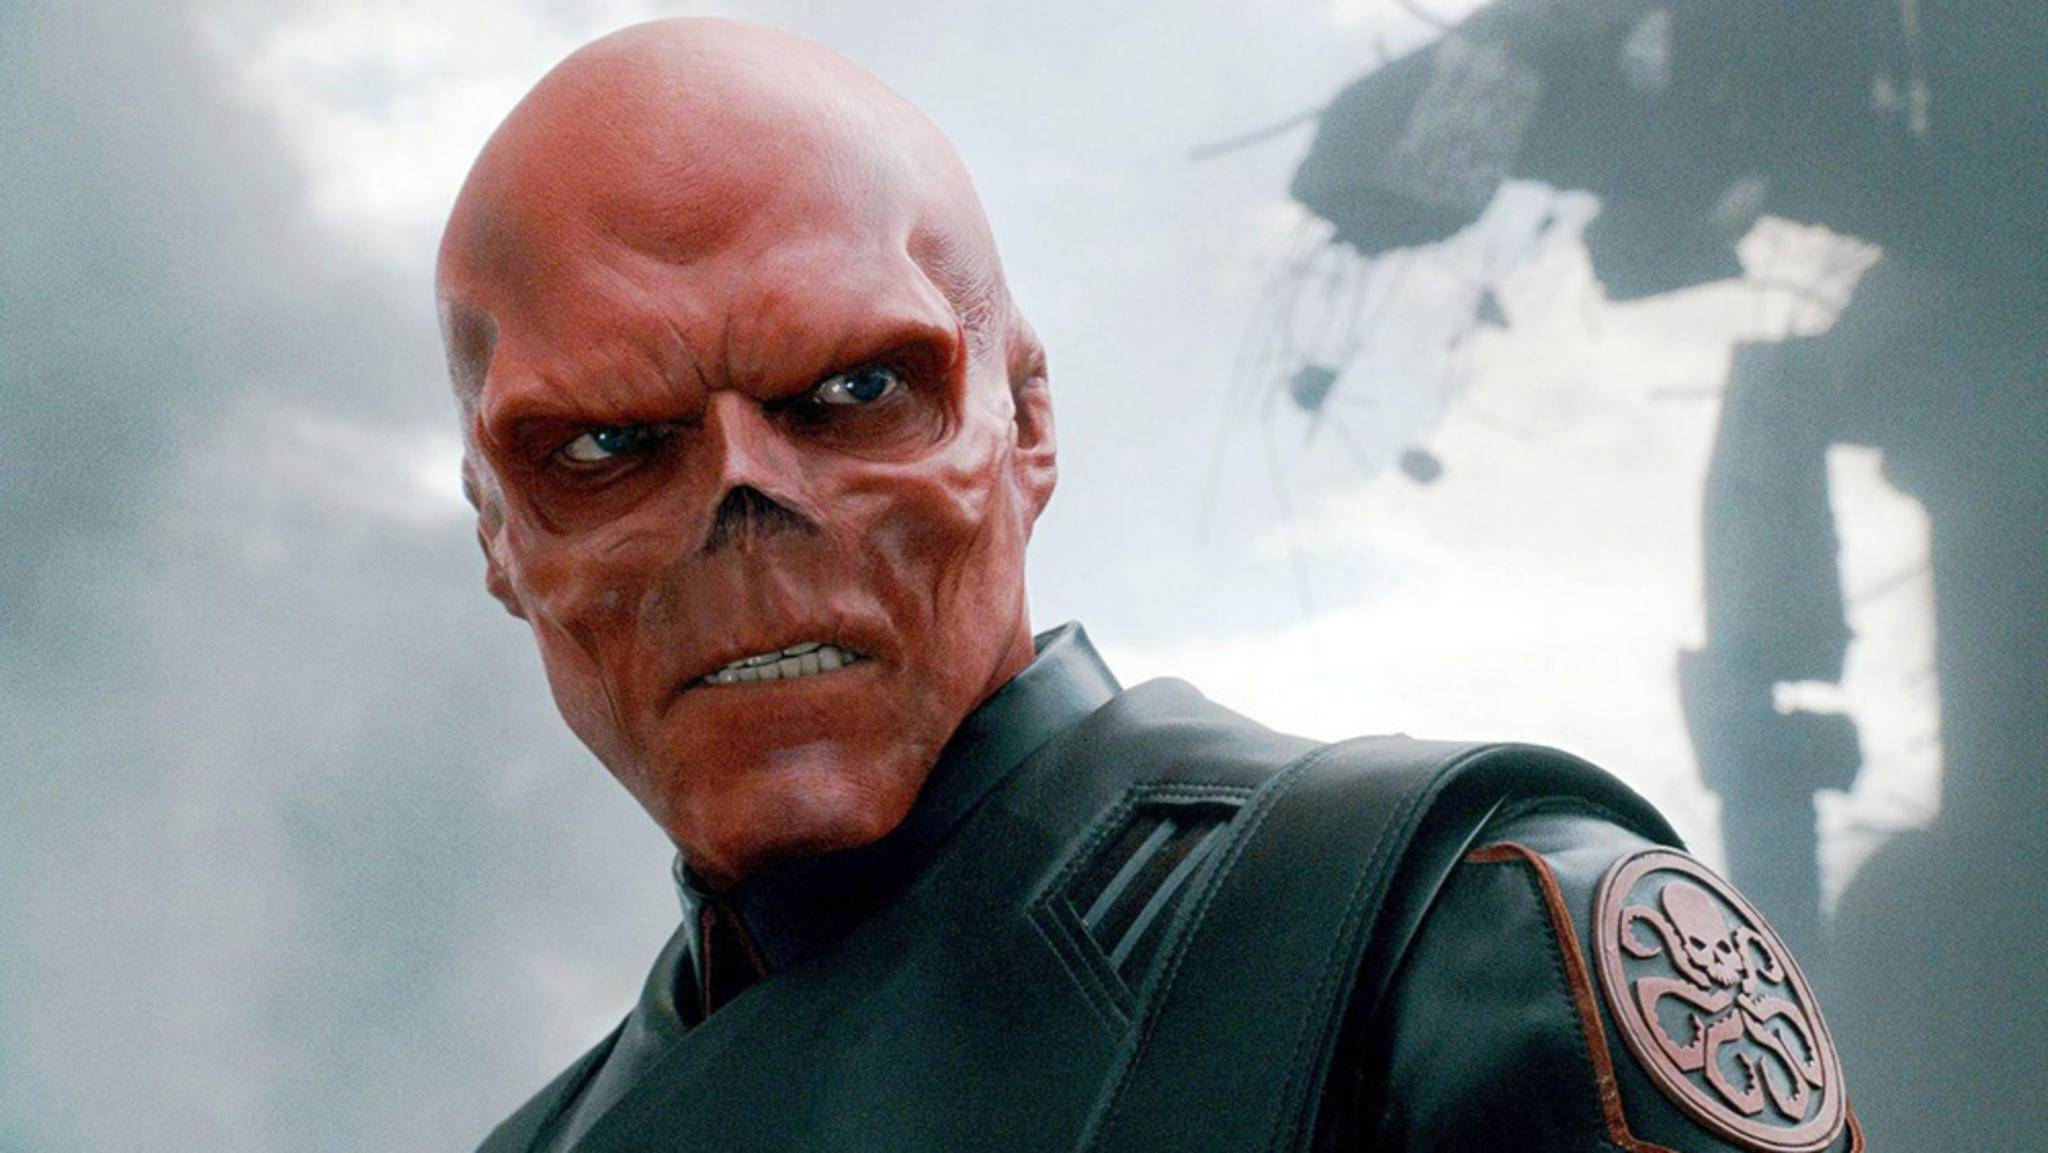 Red Skull ist ohne Zweifel das bekannteste Mitglied von Hydra im Marvel Cinematic Universe.